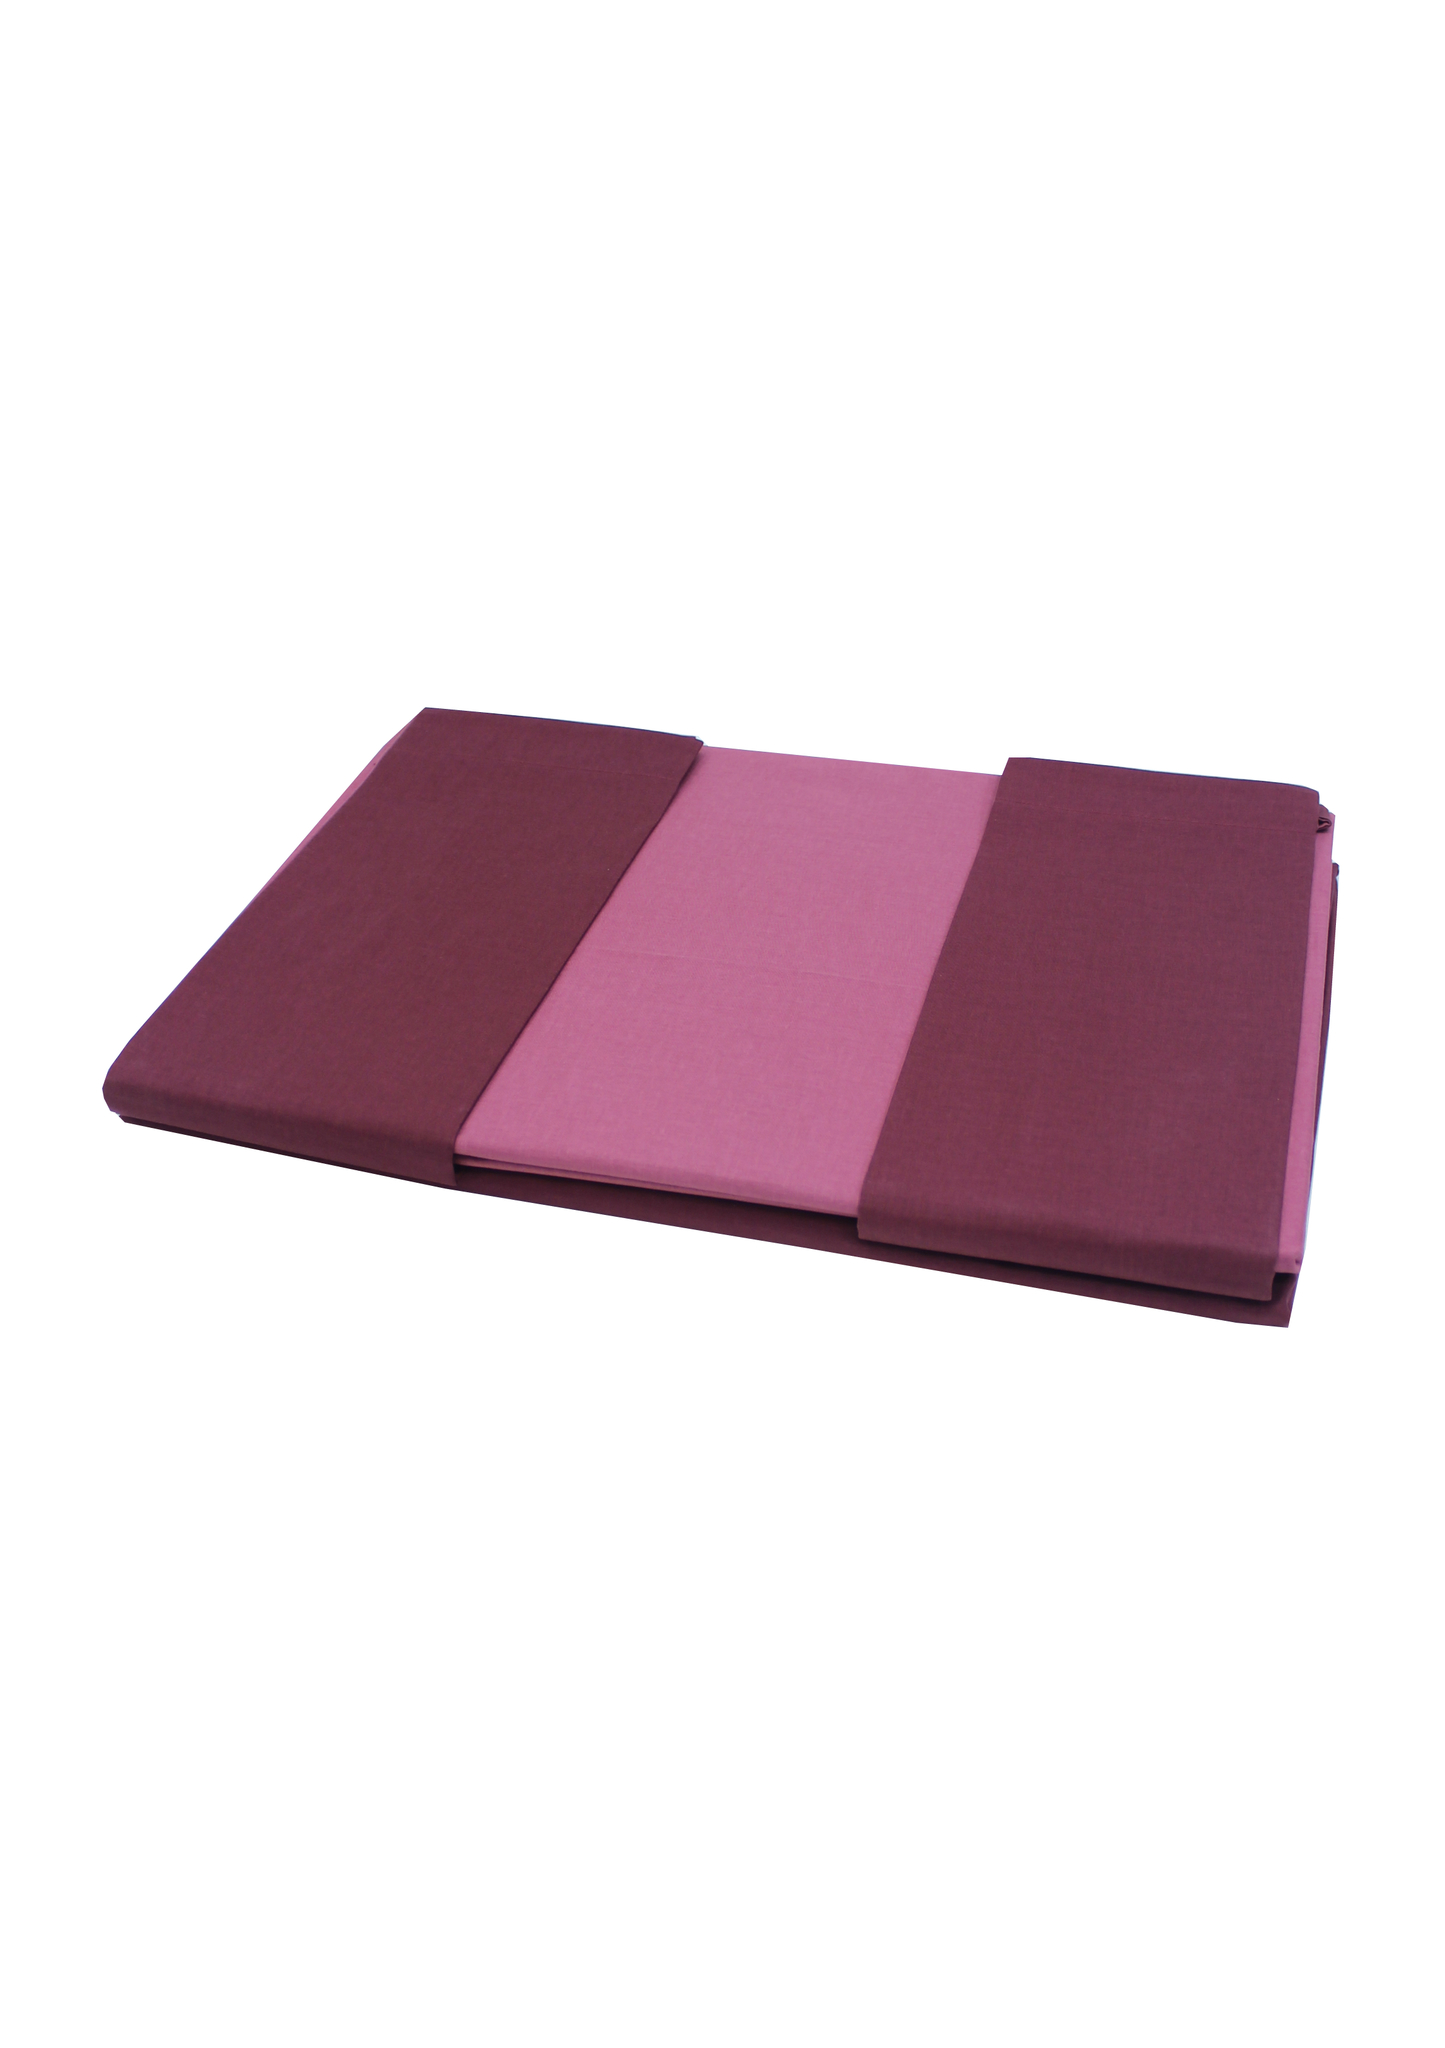 Постельное Постельное белье 2 спальное Caleffi Bicolor бордовое postelnoe-belie-caleffi-bicolor-bordovoe-italiya.JPG